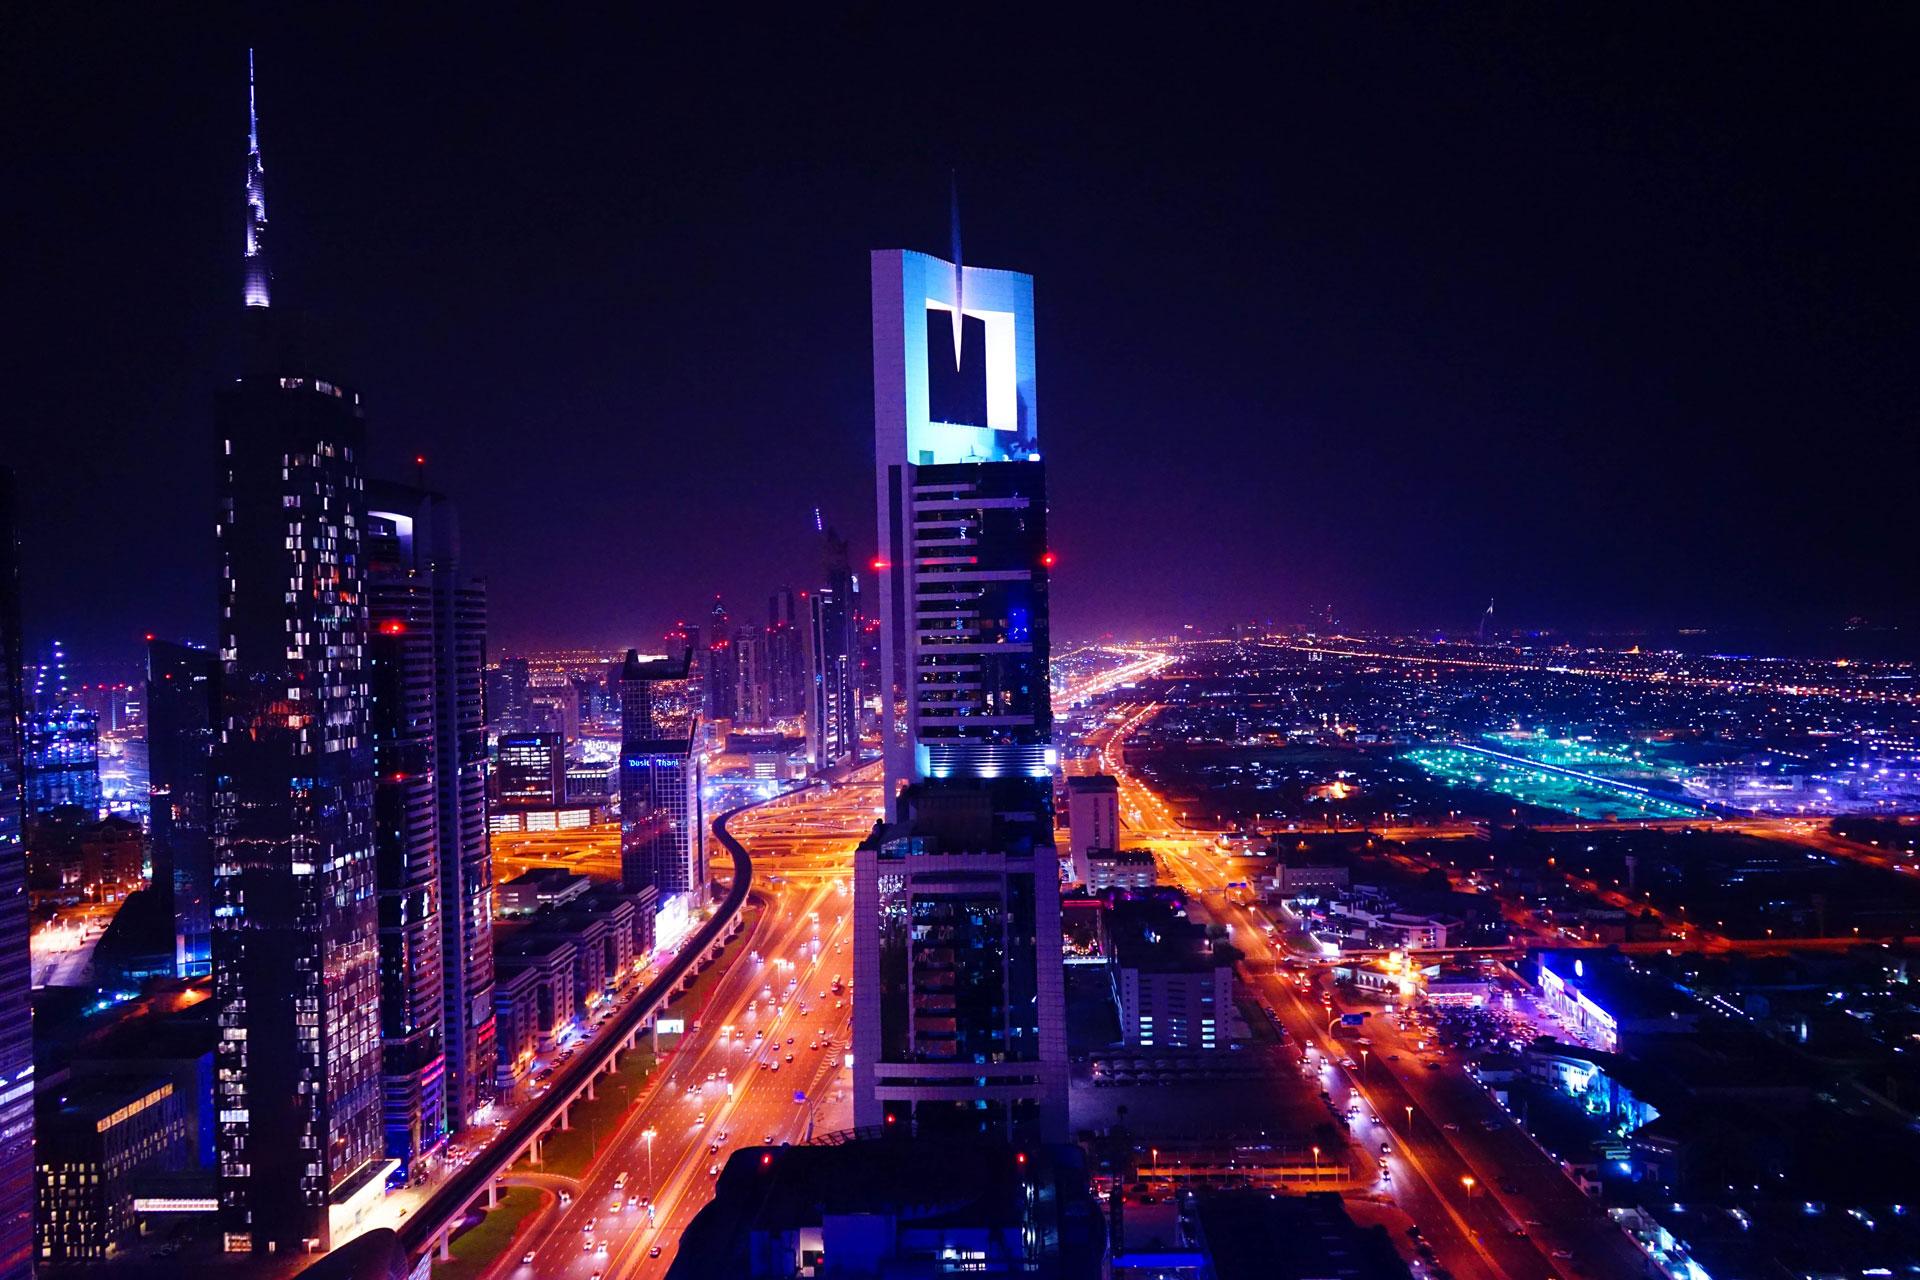 Wat te doen in Dubai? De leukste Dubai bezienswaardigheden